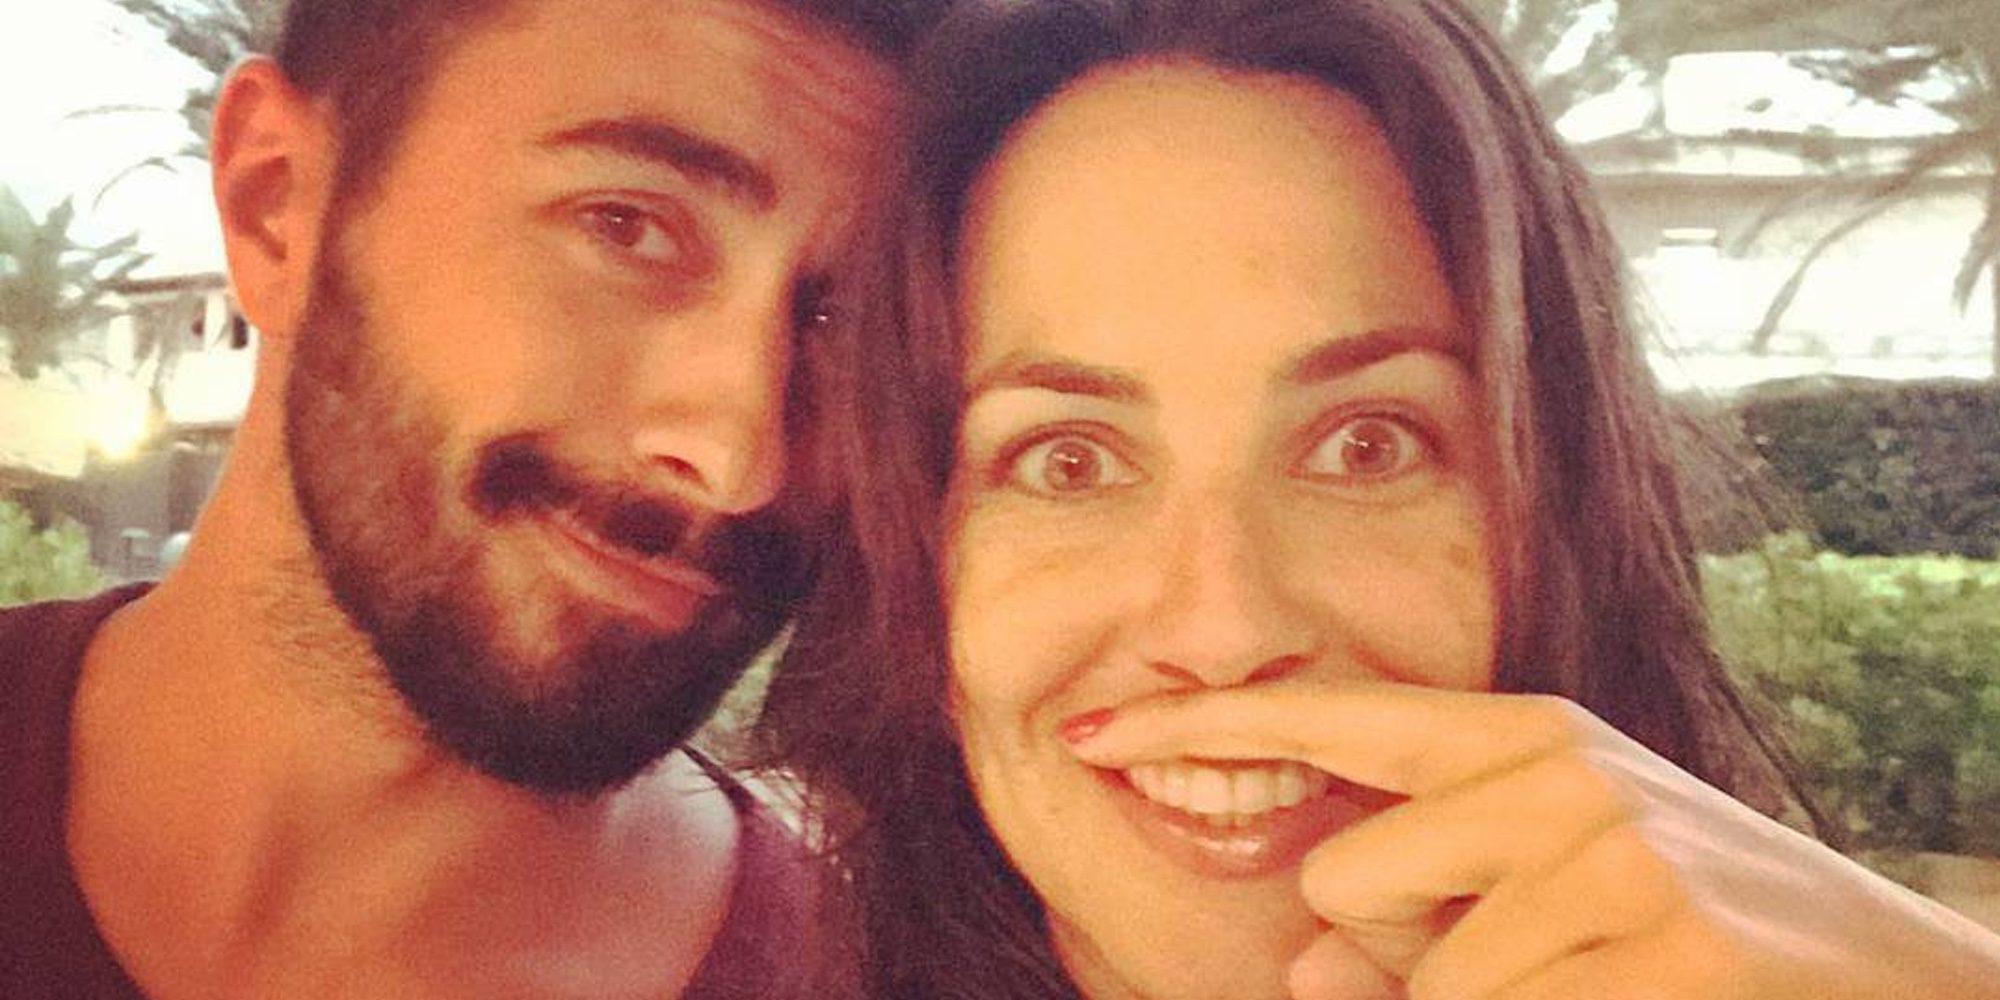 El romántico beso entre Irene Junquera y Rayden que por fin ve la luz